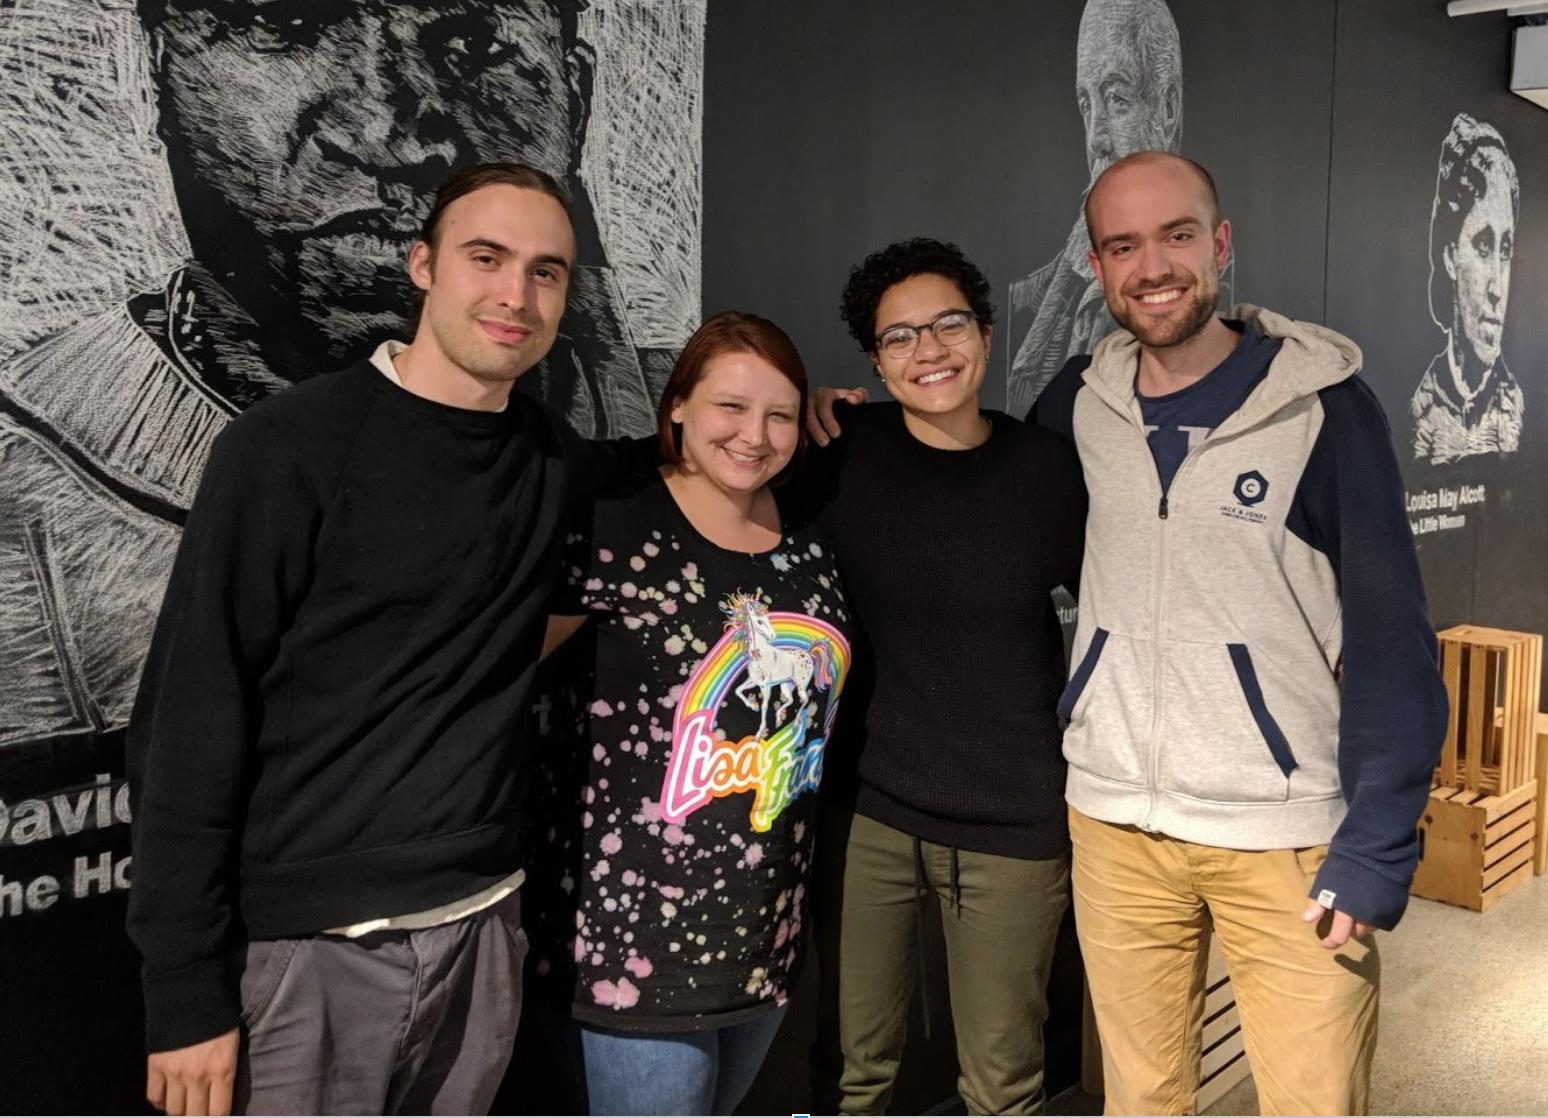 Left to right: William Valvo, Amanda Reiter (me), cass Hebert, Michael Greig